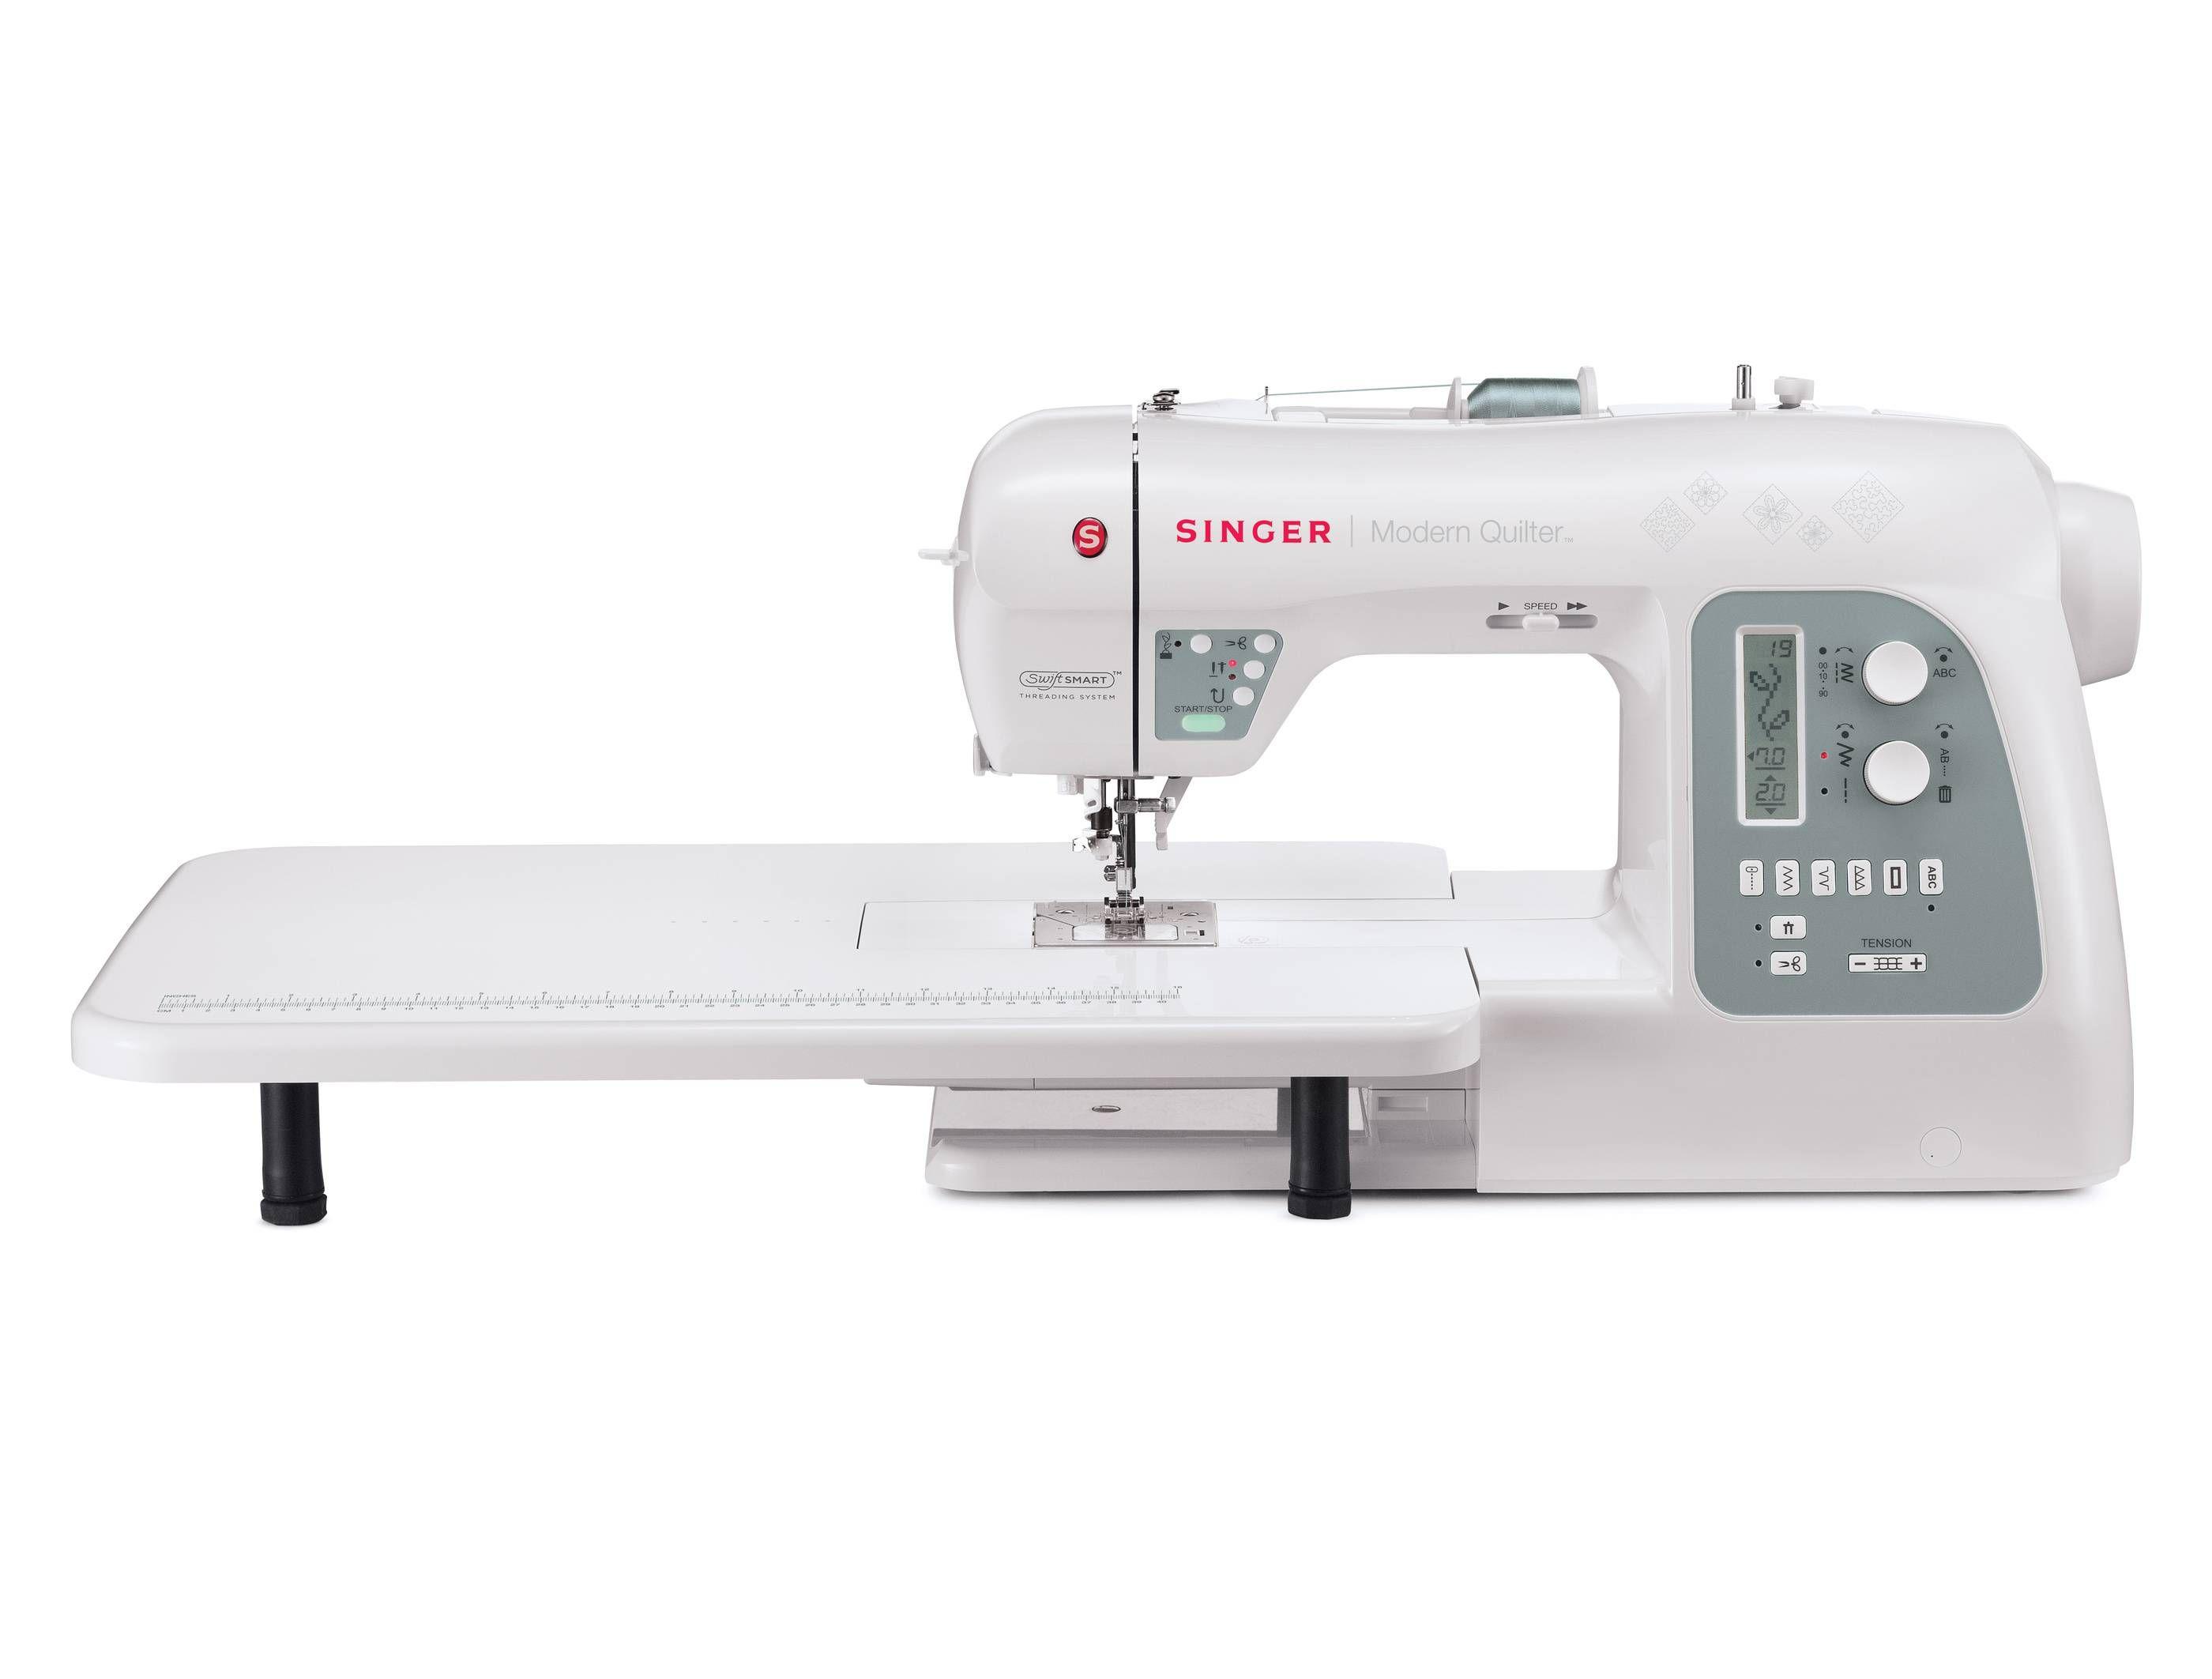 Singer 8500Q Modern Quilter Quilting & Sewing Machine | Wish List ...